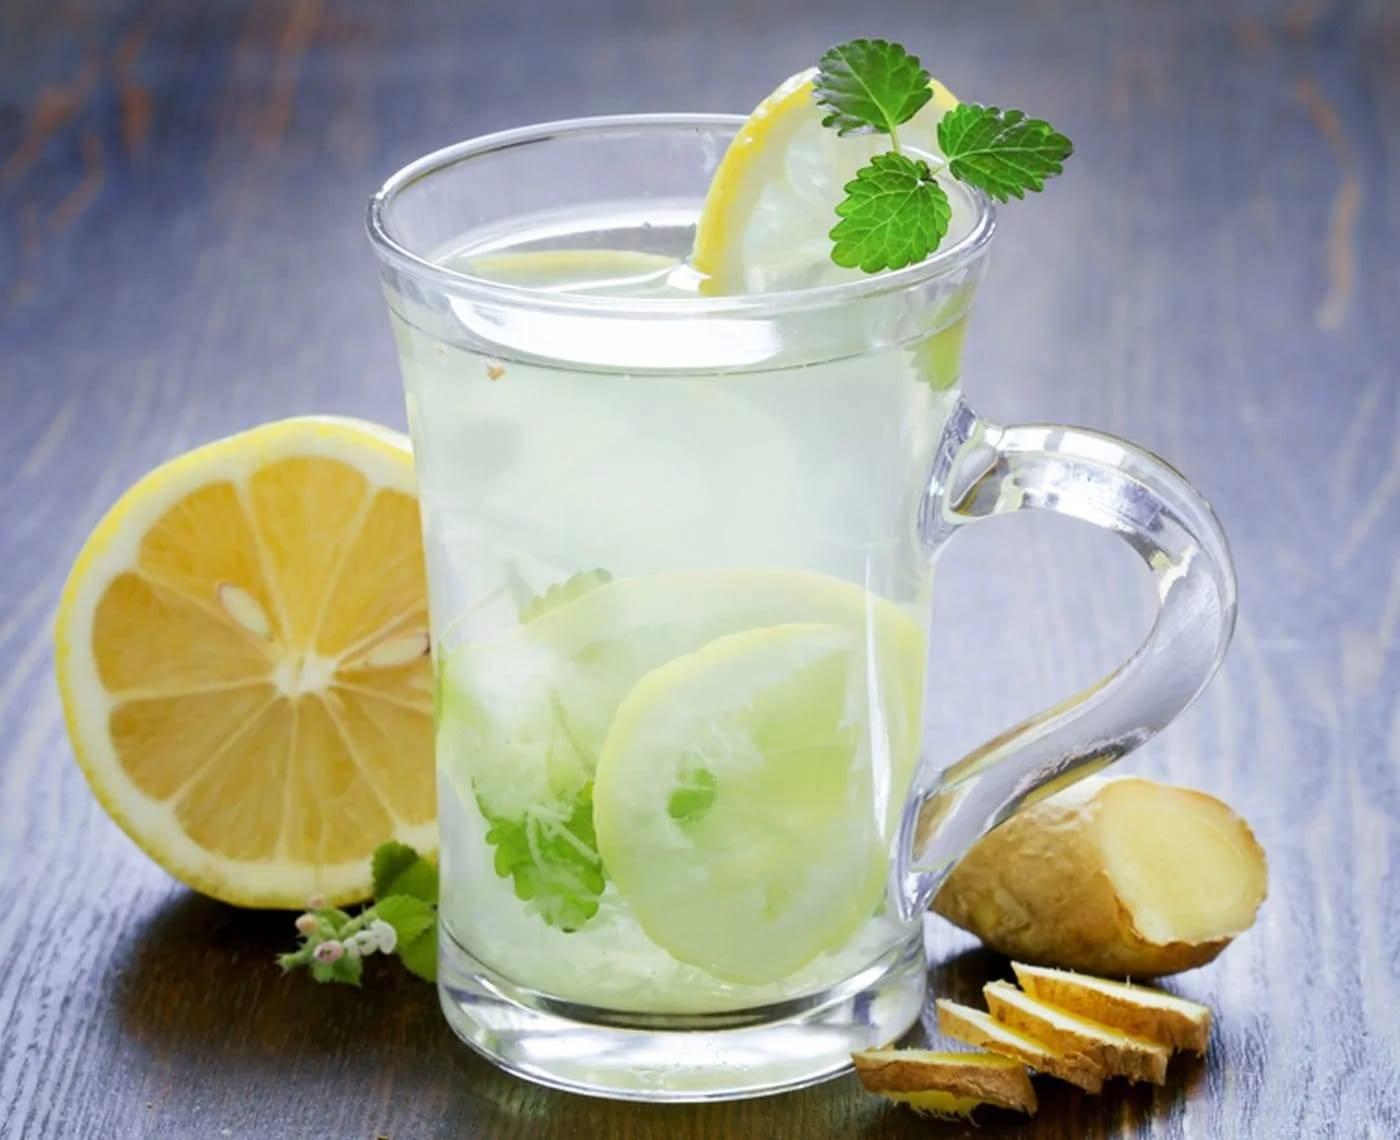 Sử dụng nước chanh quất để giải rượu hiệu quả